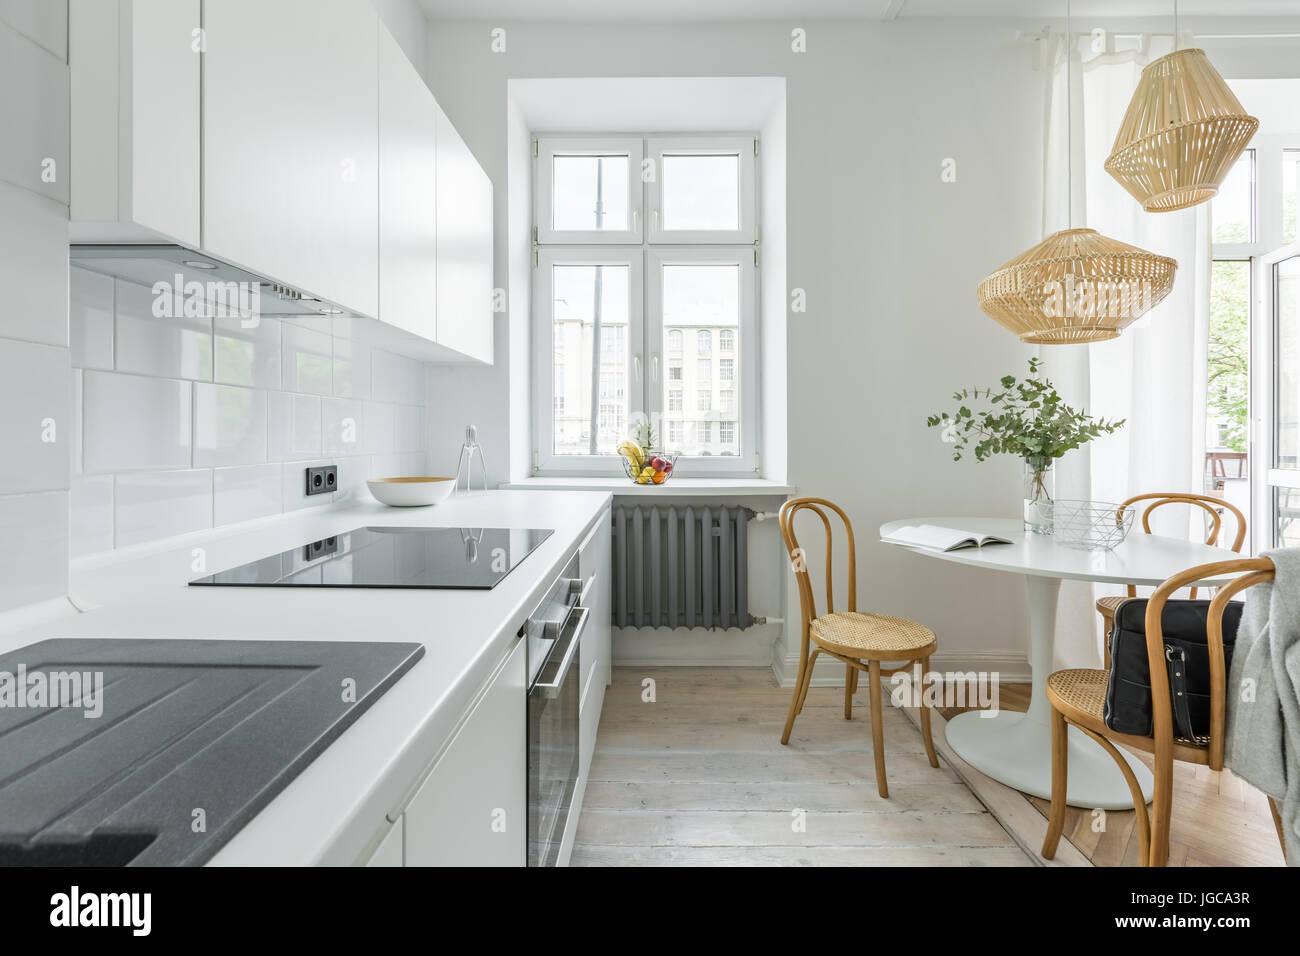 Cucina bianca in stile scandinavo con tavolo rotondo e sedie di ...